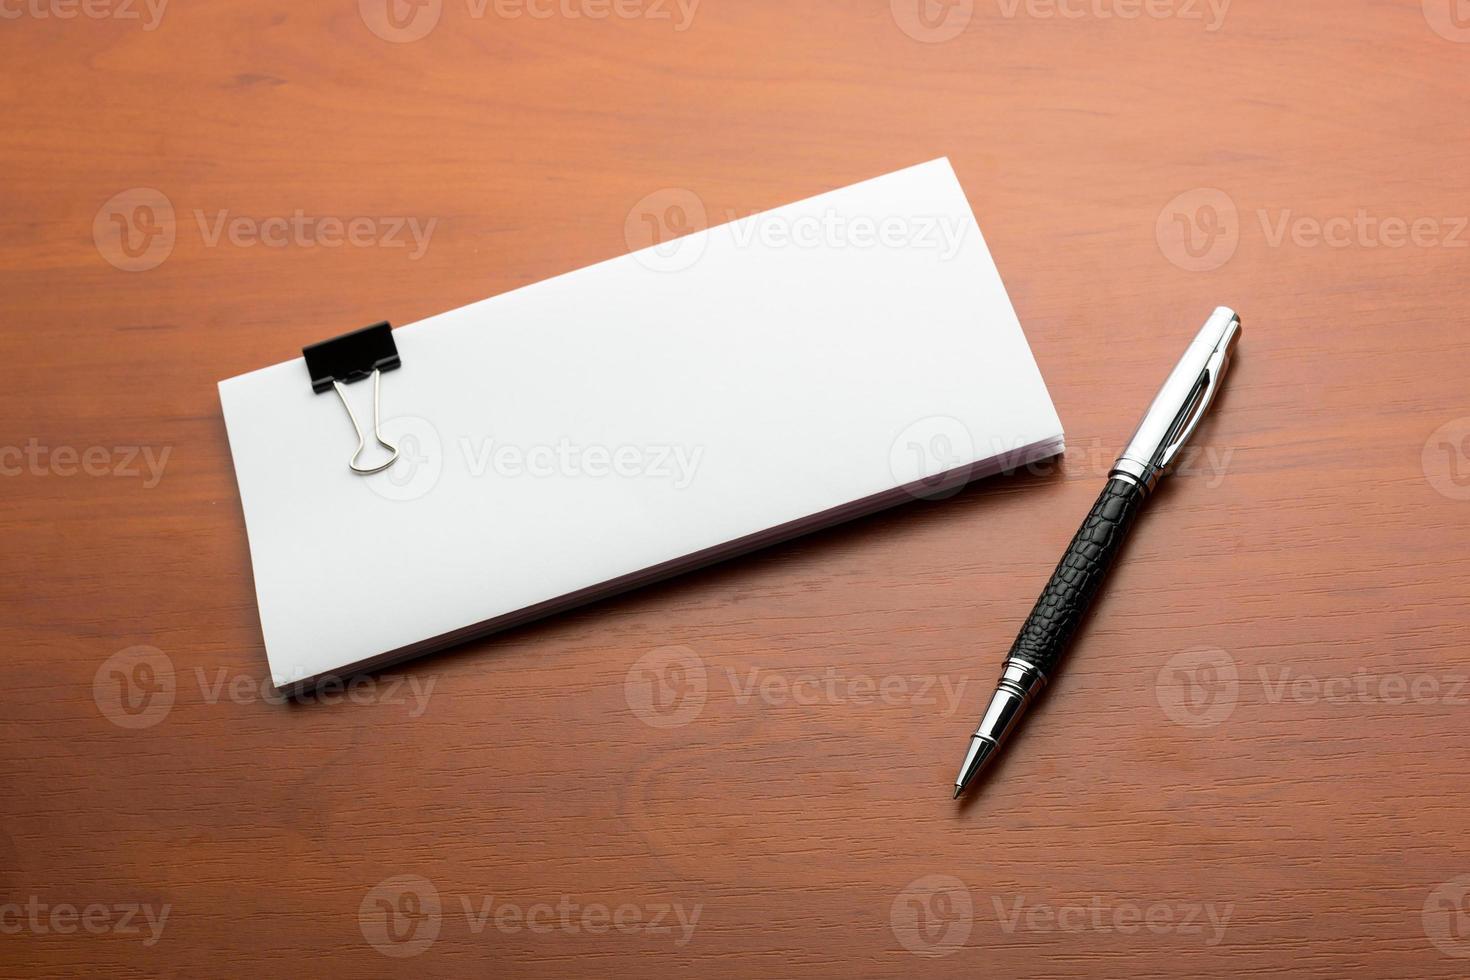 papeles y lapicera sobre la mesa foto